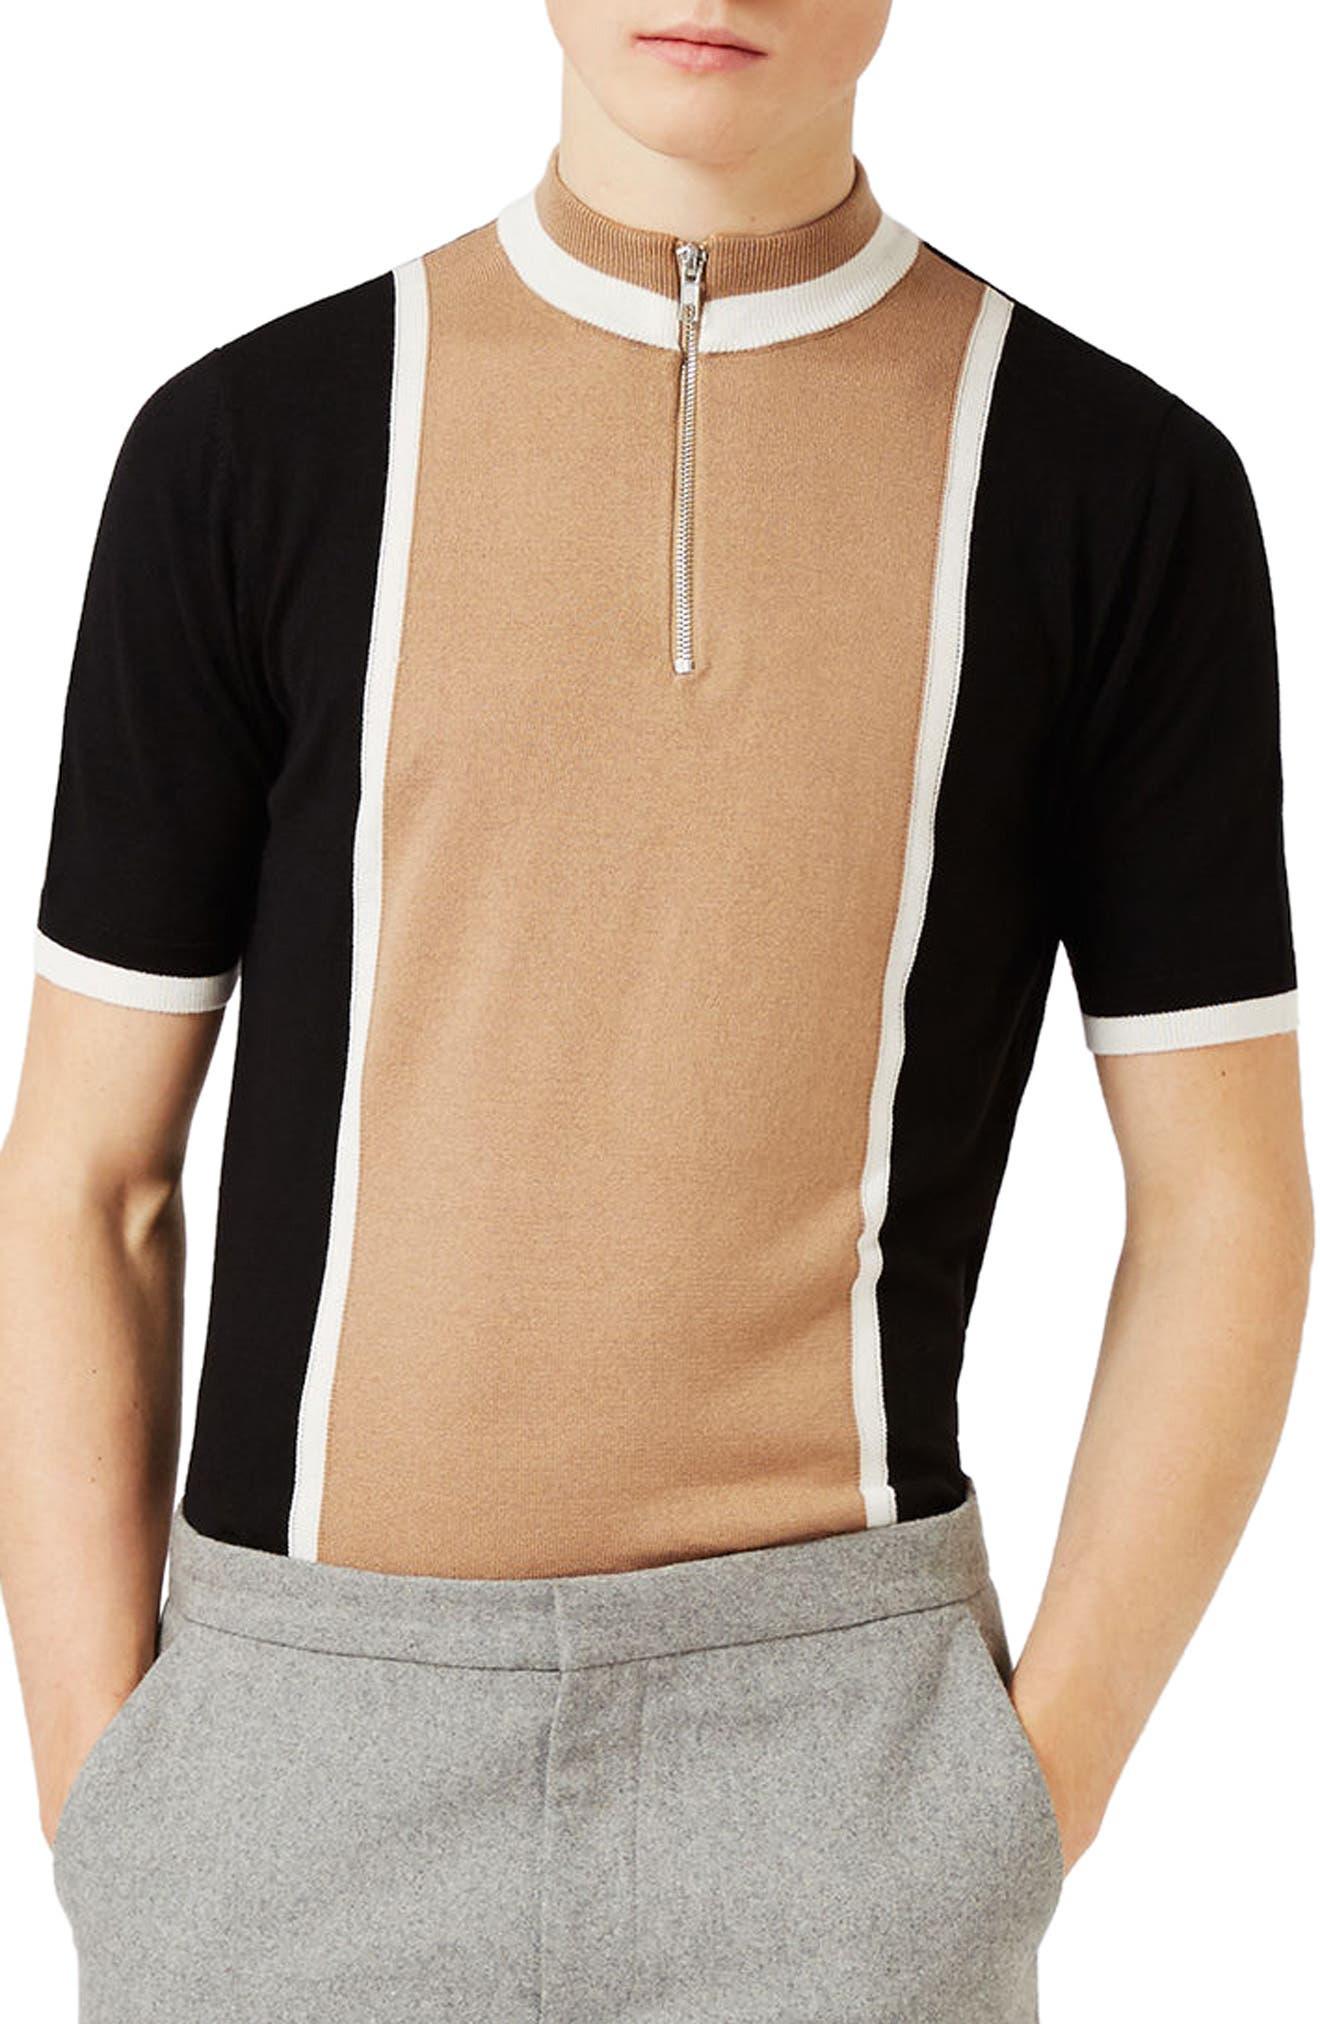 Topman Zip Neck Short Sleeve Sweater